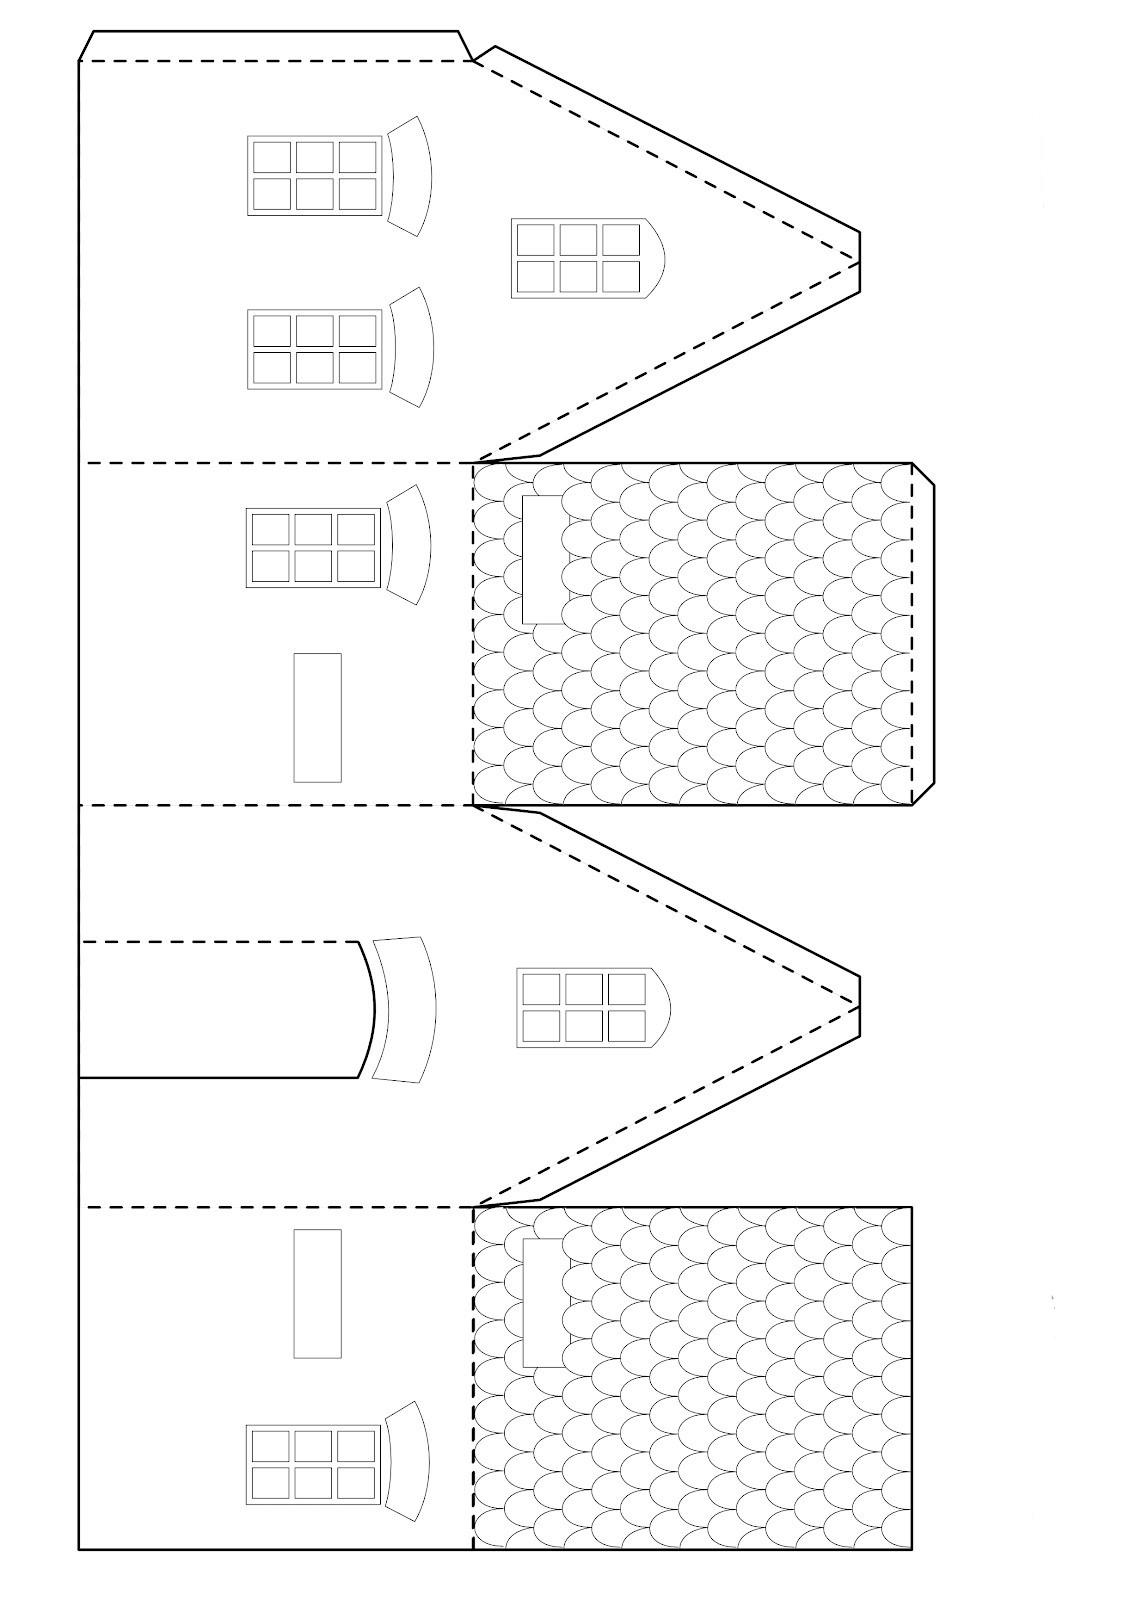 Поделка домик своими руками: из картона схема для детей, как.